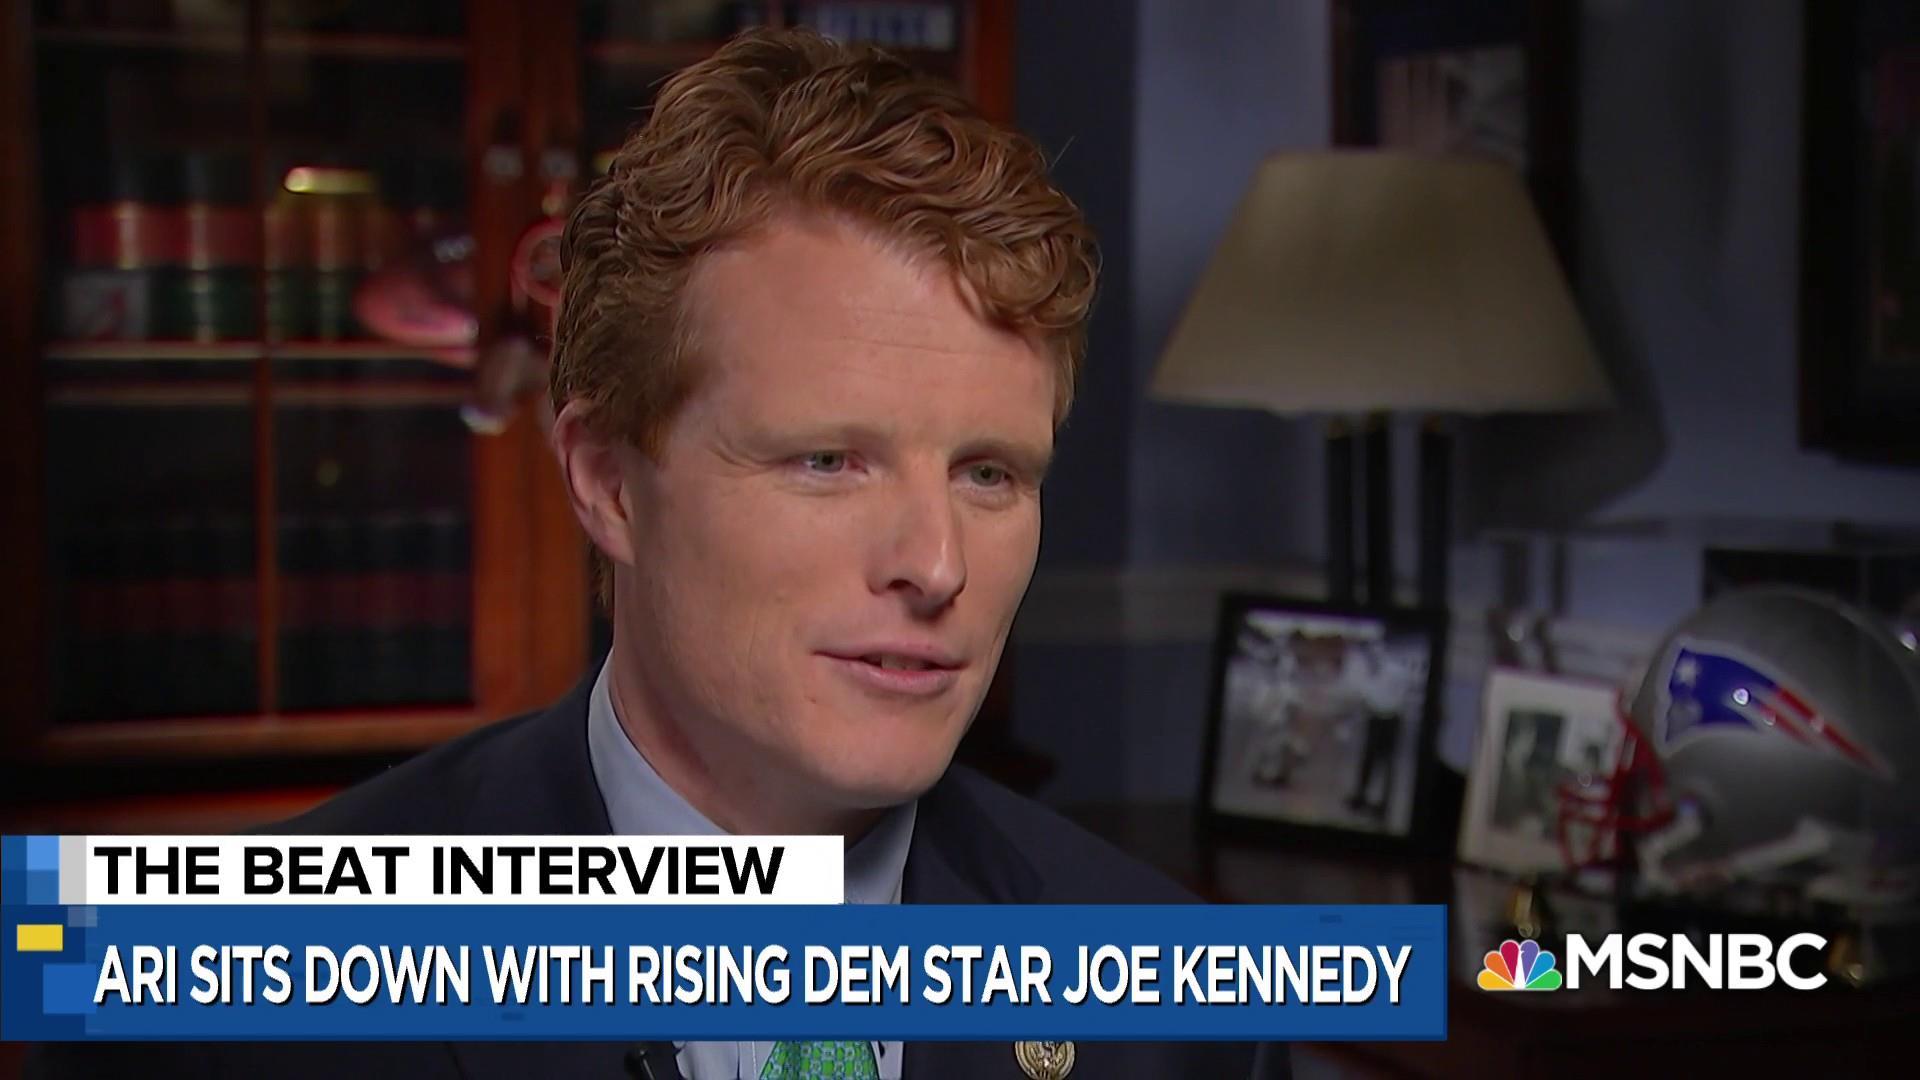 Watch Rep. Joe Kennedy compare Trump dynasty to Kennedy dynasty